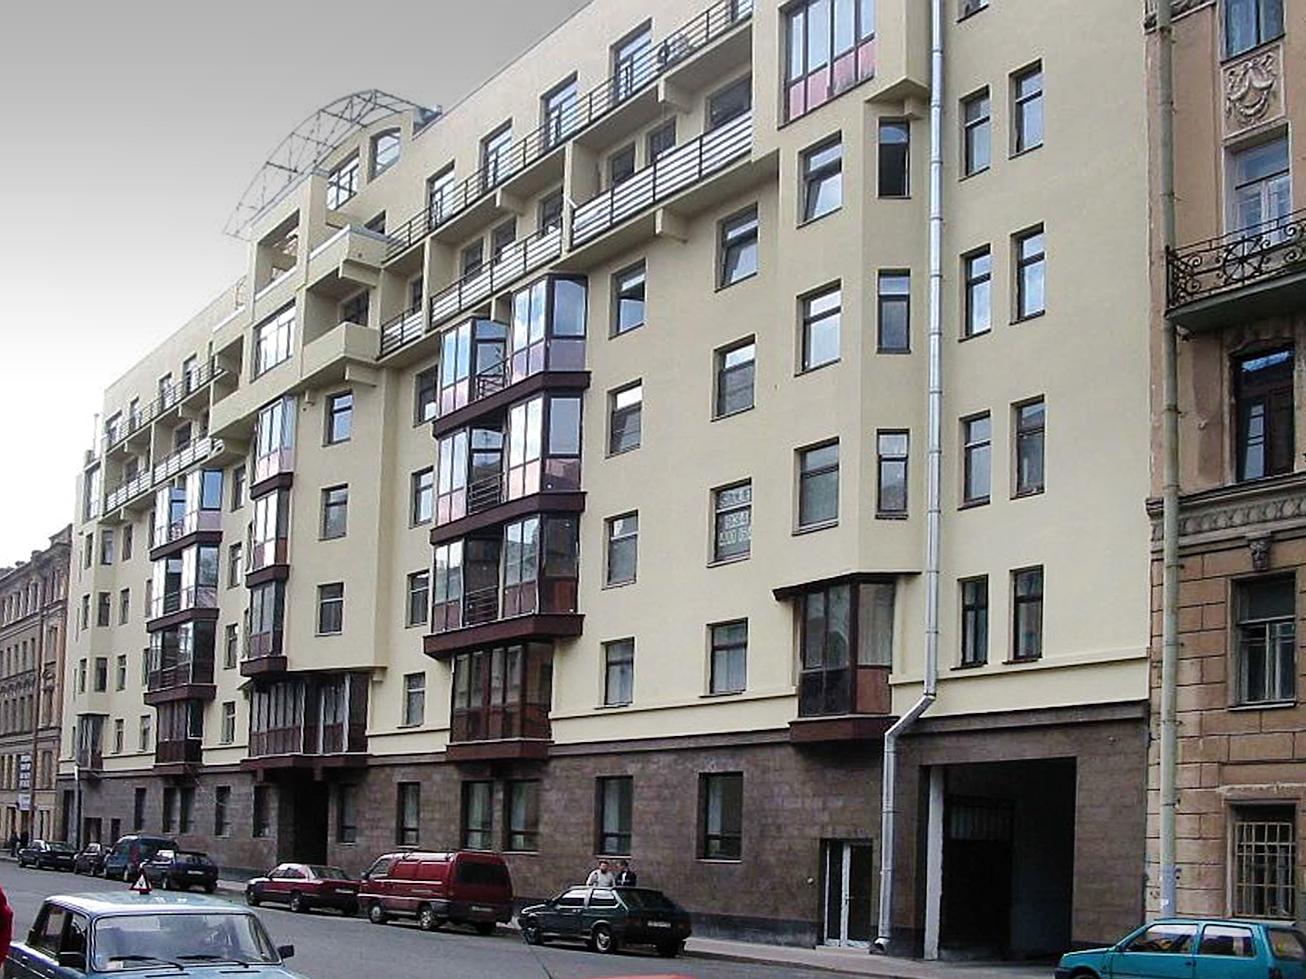 Элитный жилой дом. Санкт-Петербург, 8-я Советская ул., 37. 2001–2002